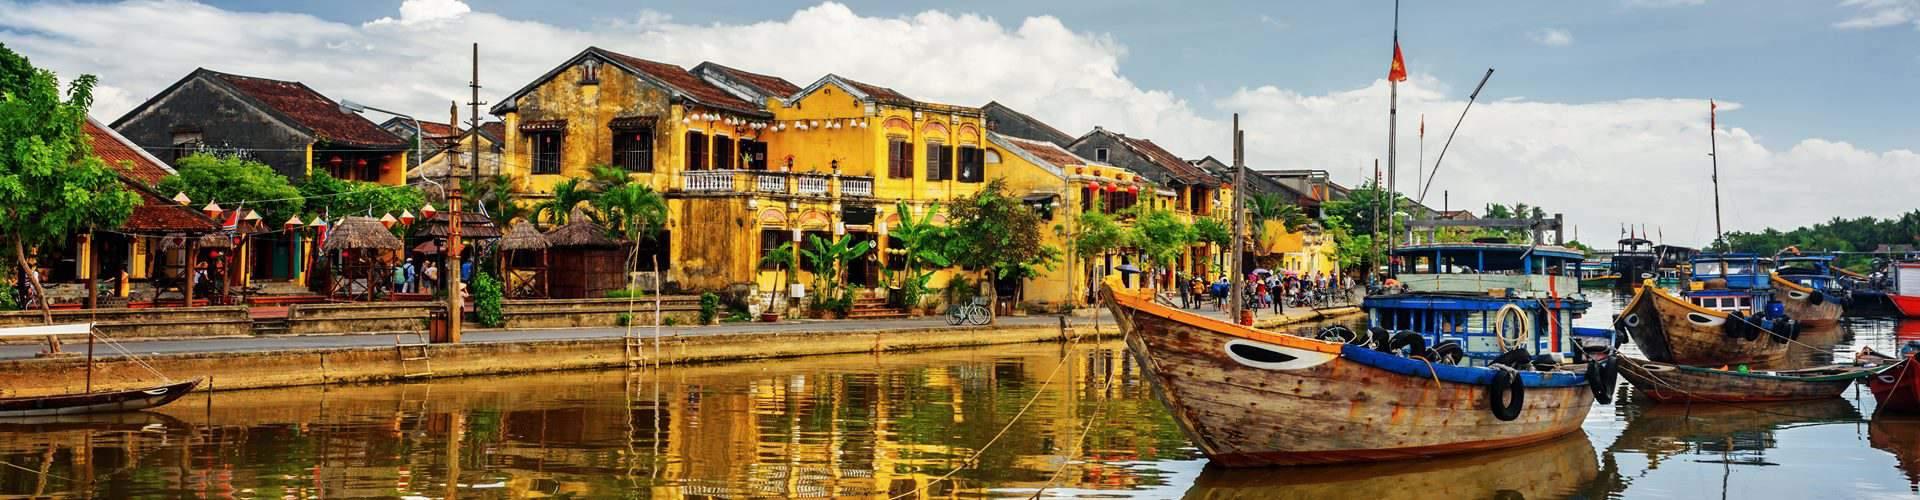 Hoi An Thu Bon River